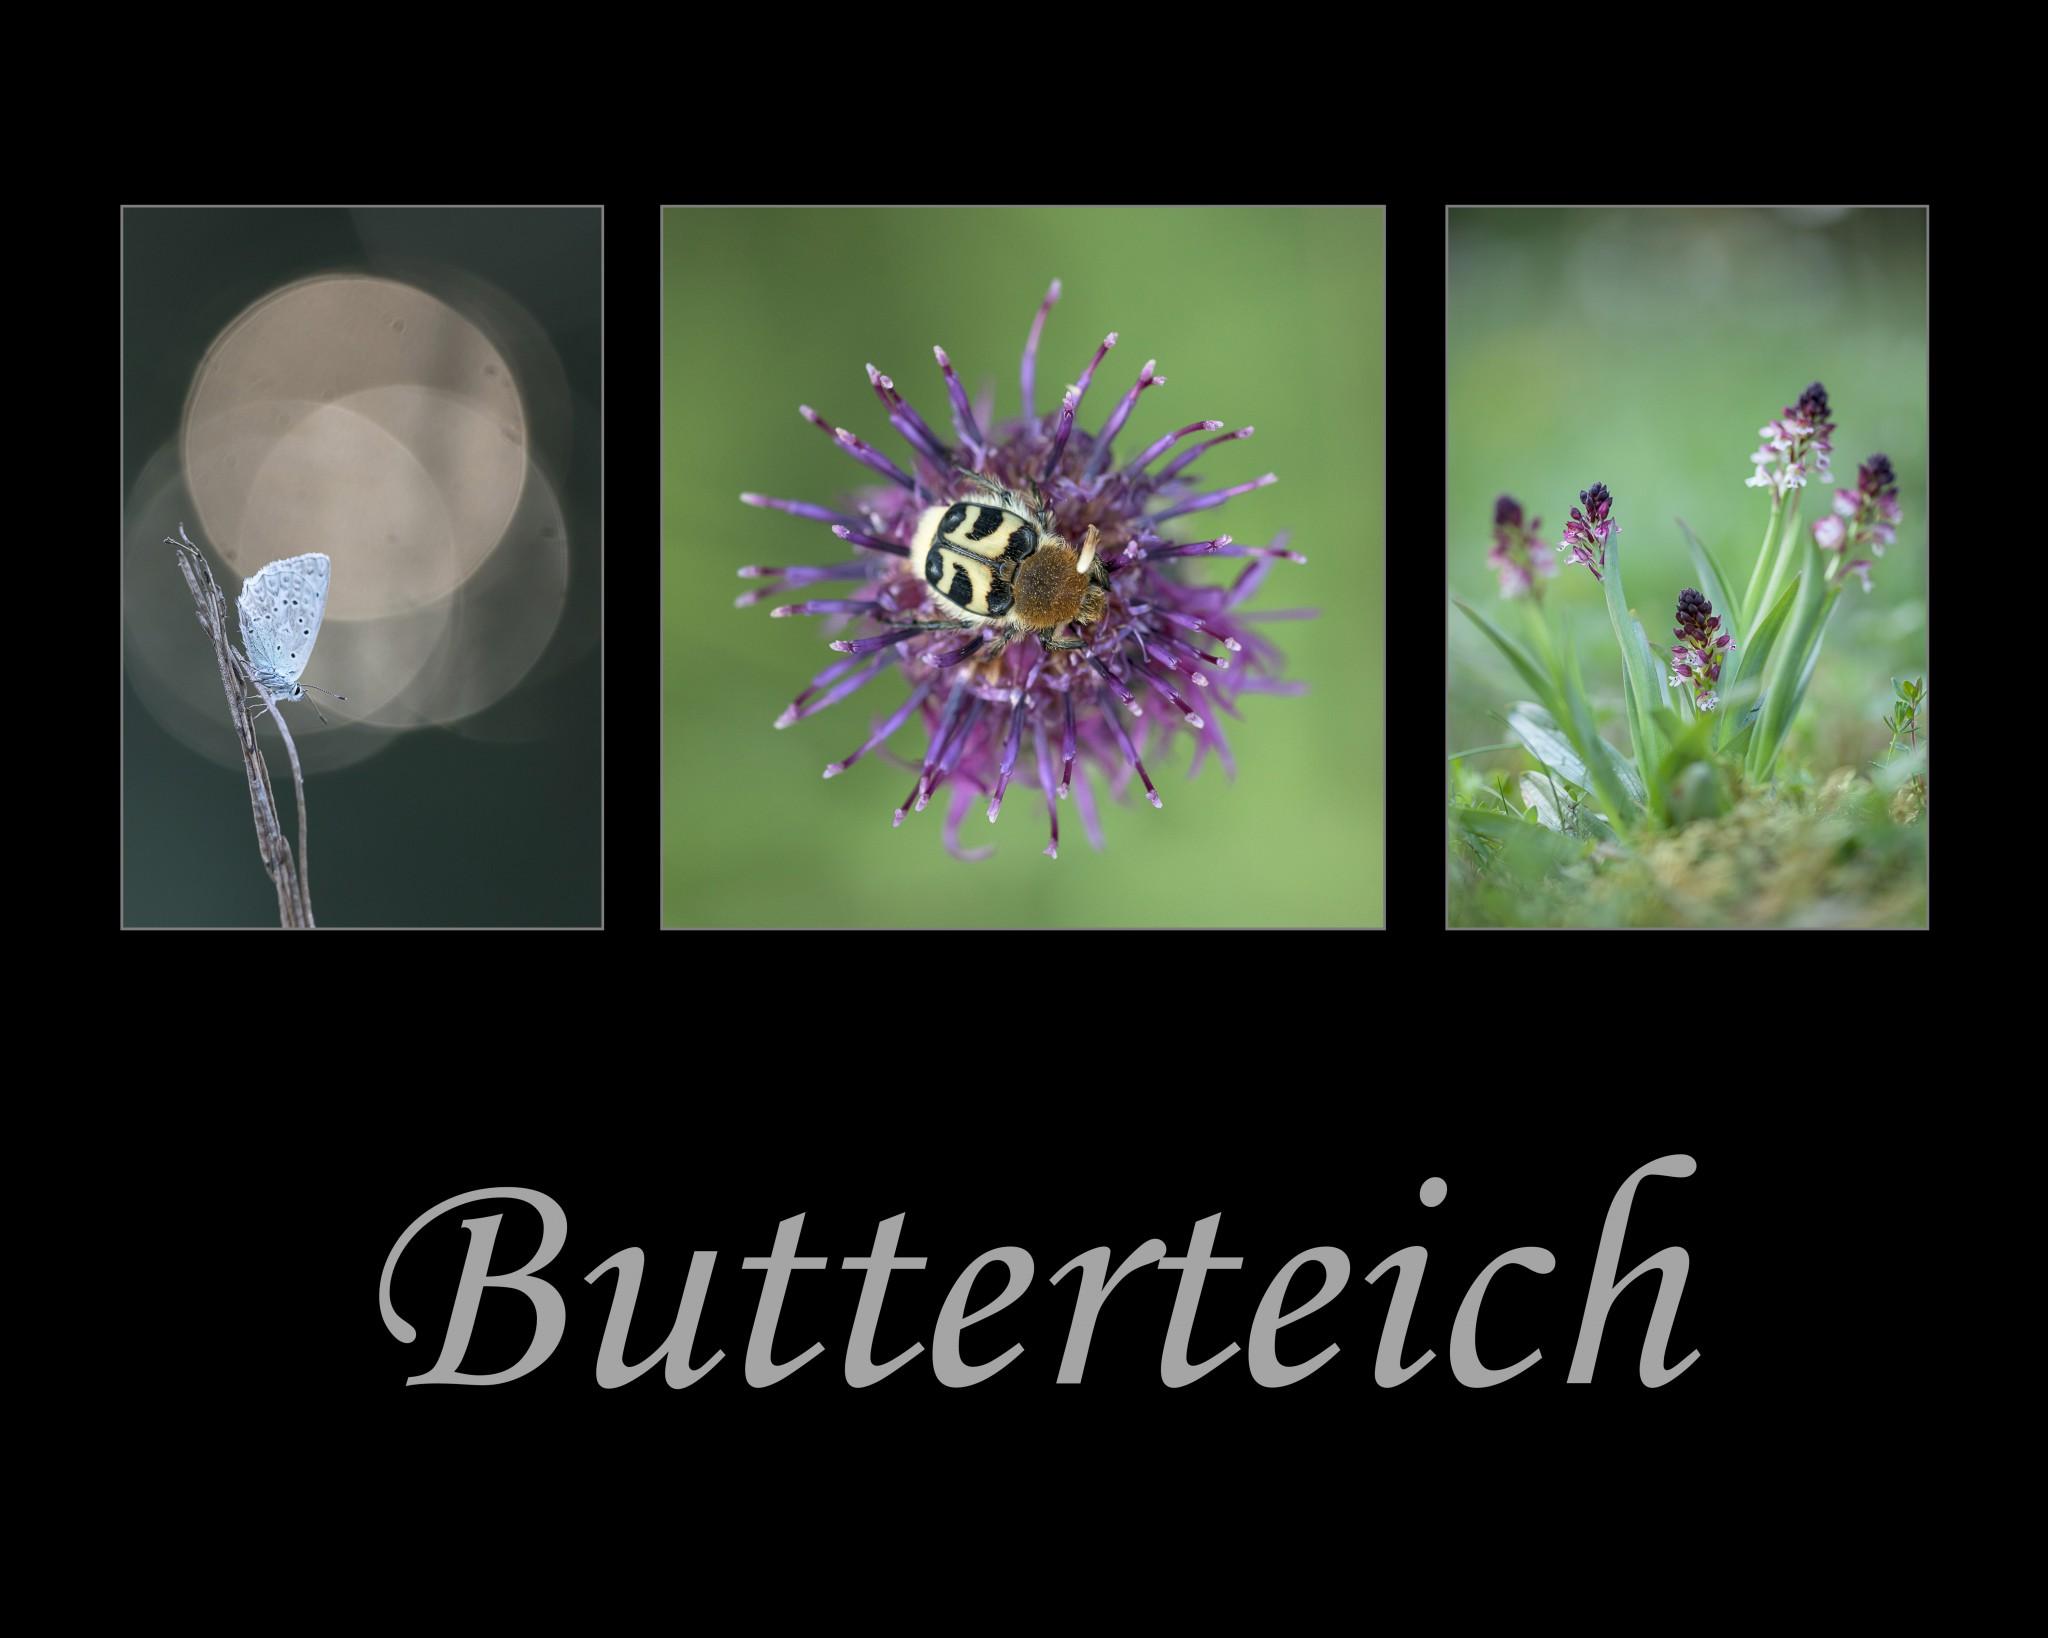 Butterteich1